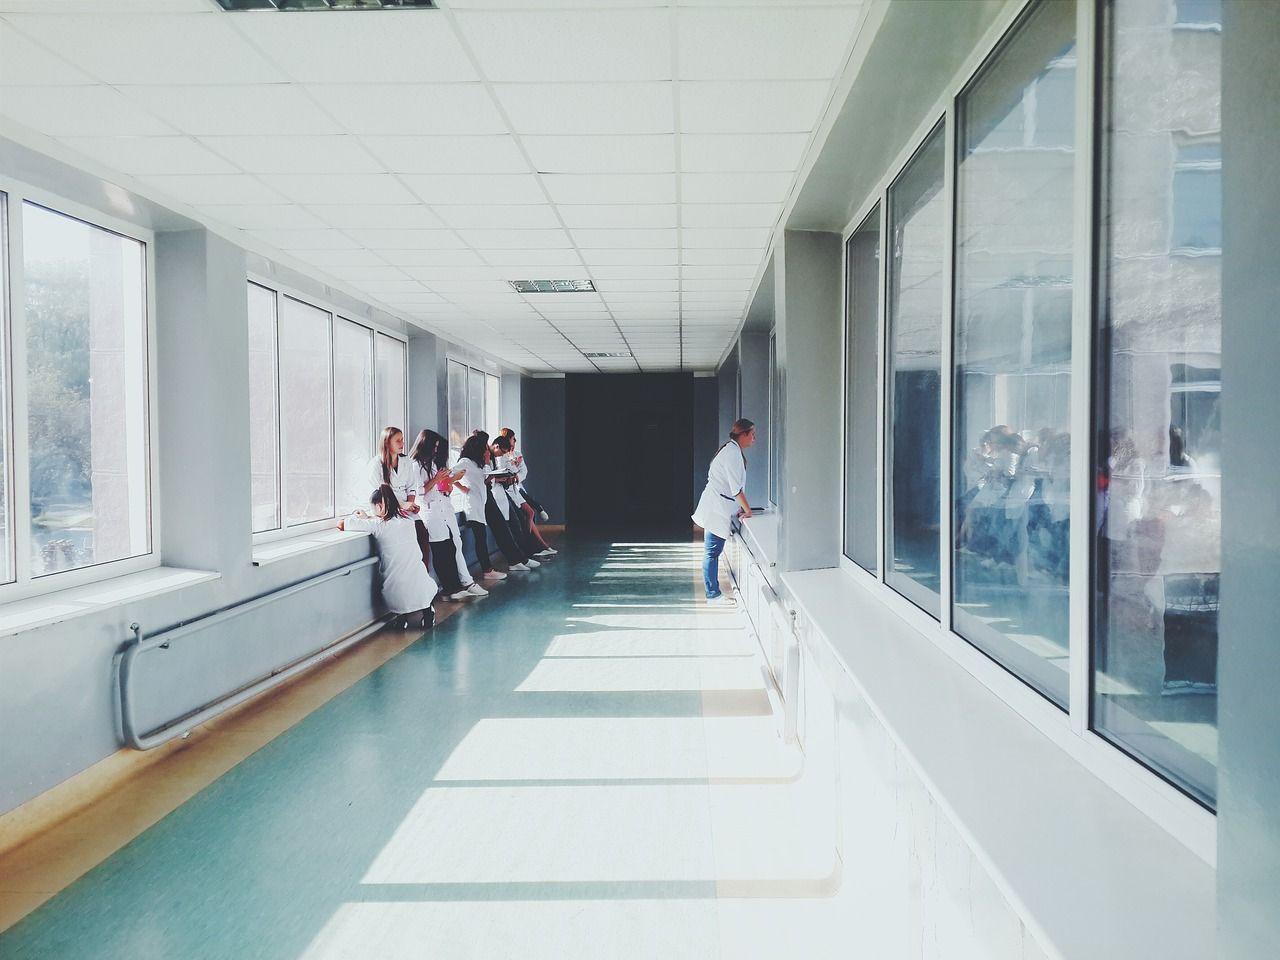 Tragedia in ospedale a Forlì 77enne perde la moglie e si butta dal settimo piano